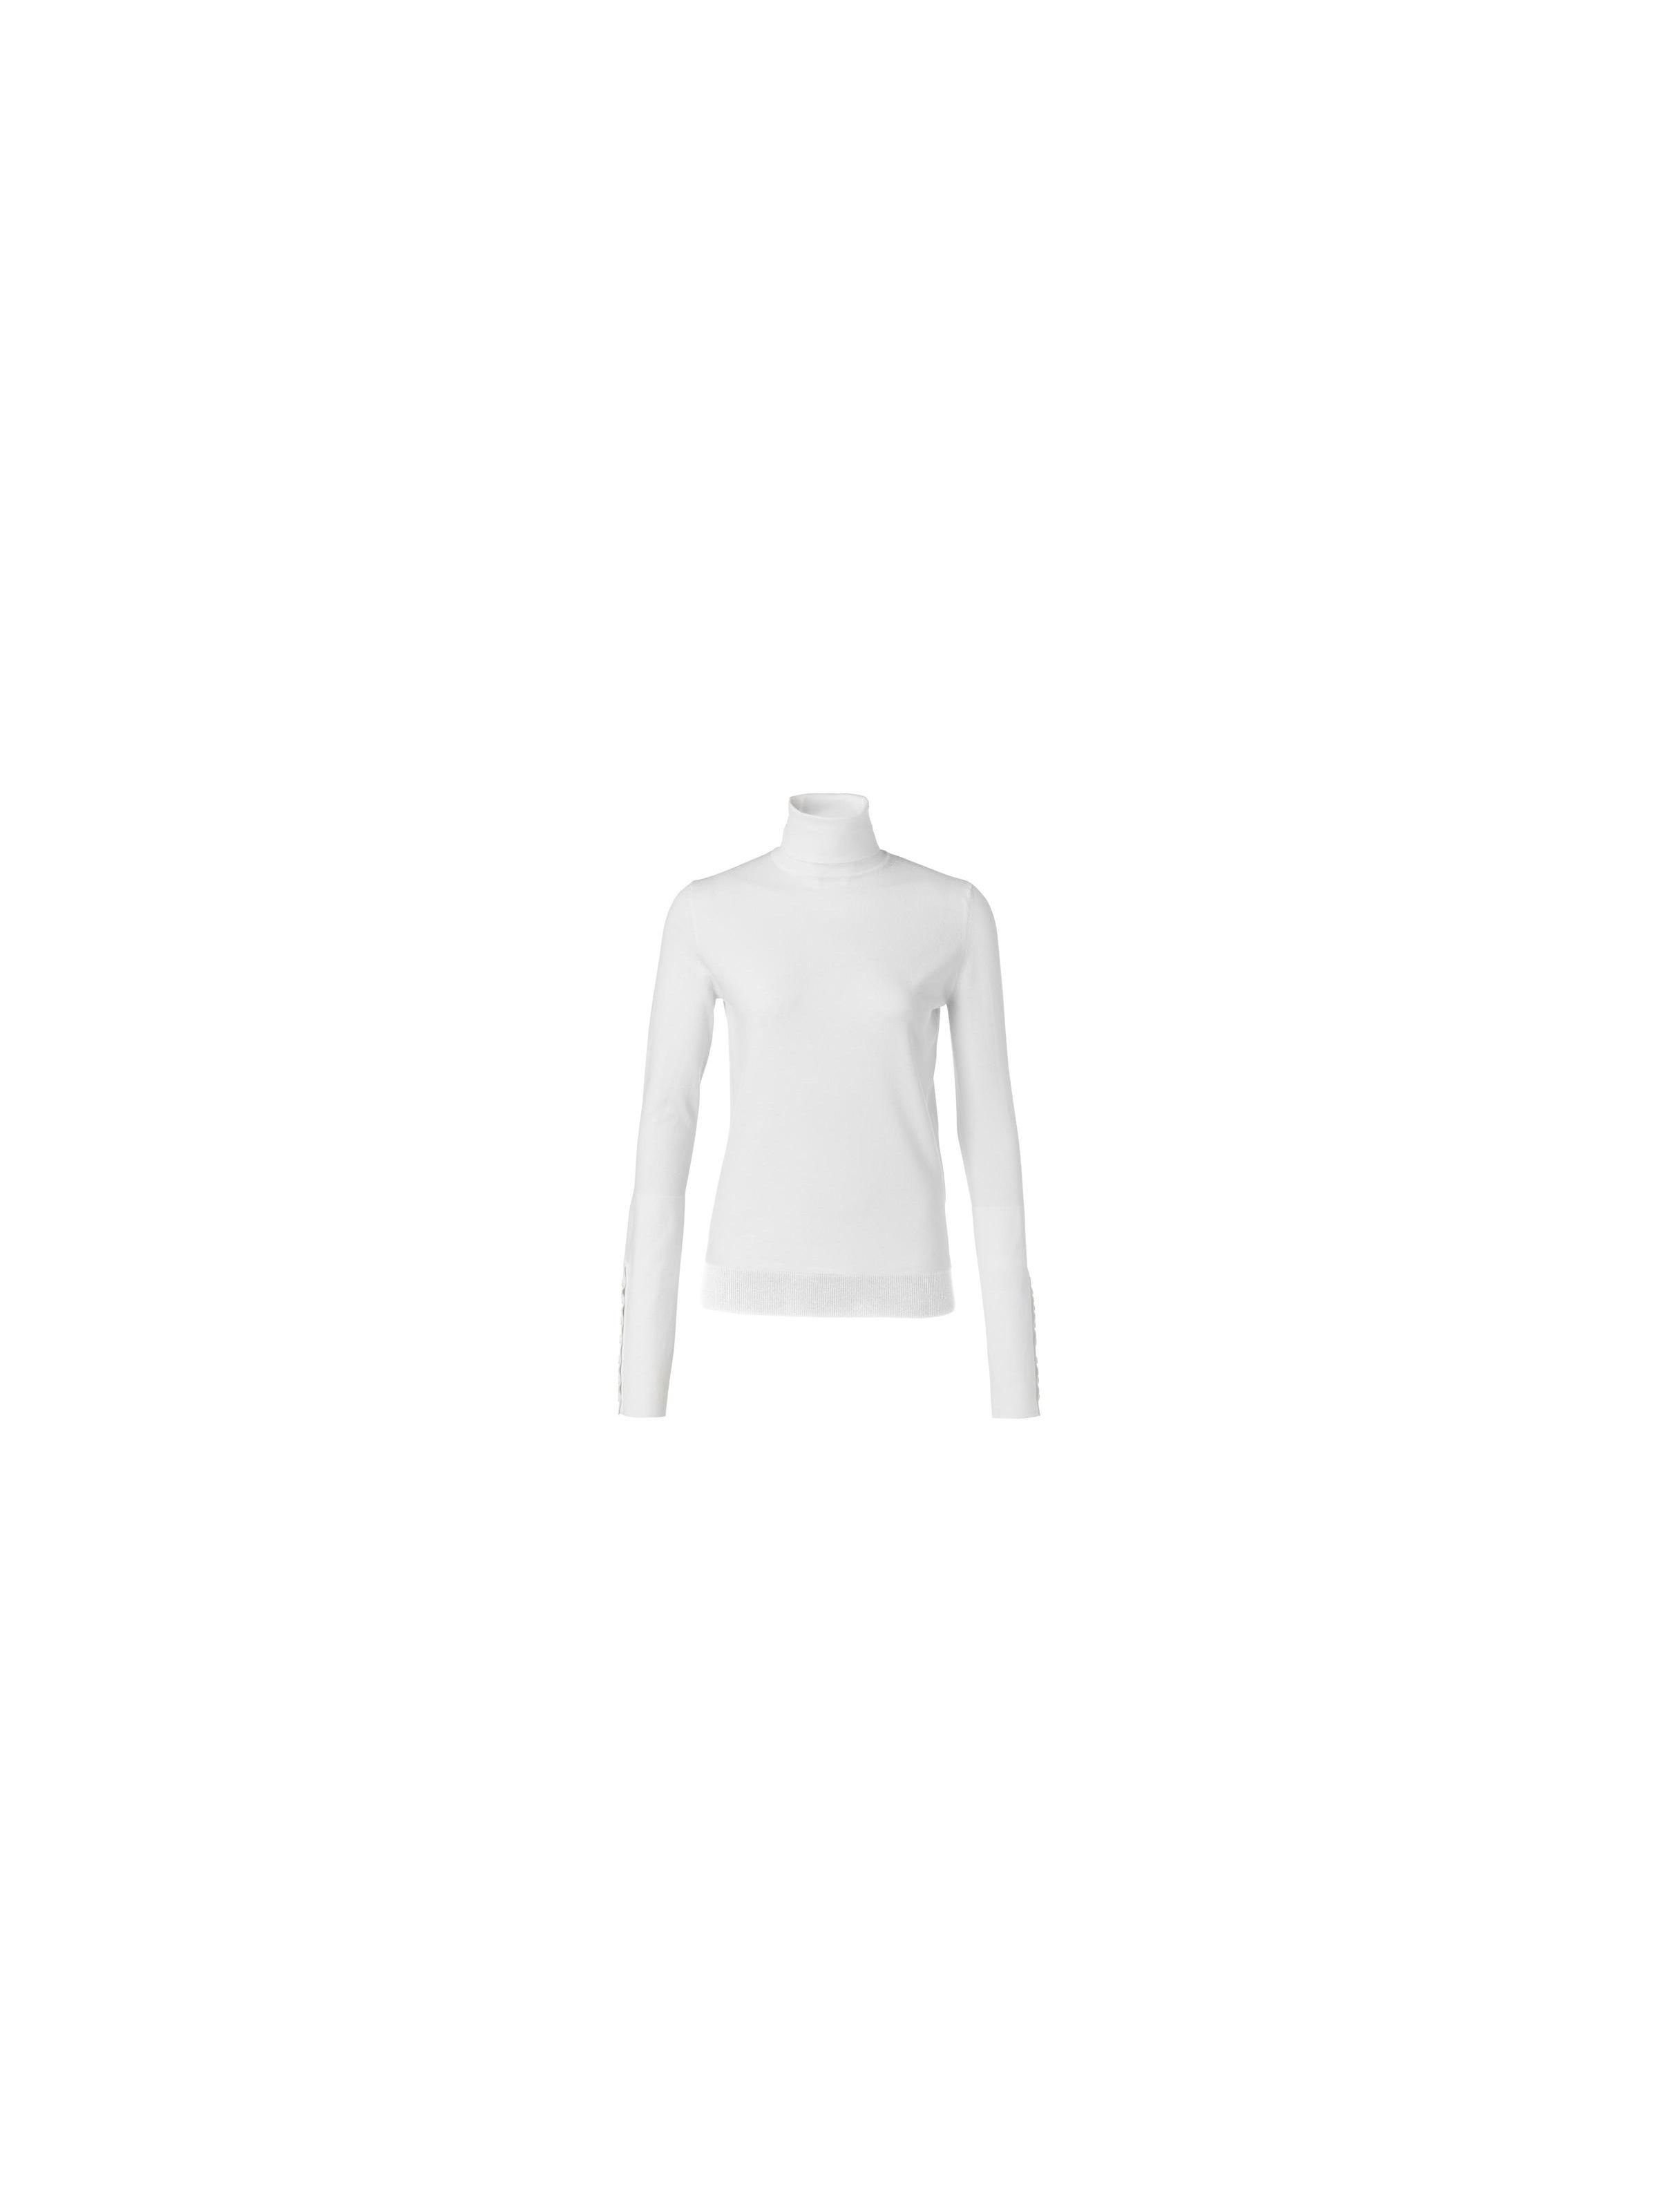 Witte dames trui Yaya - 1000216-122